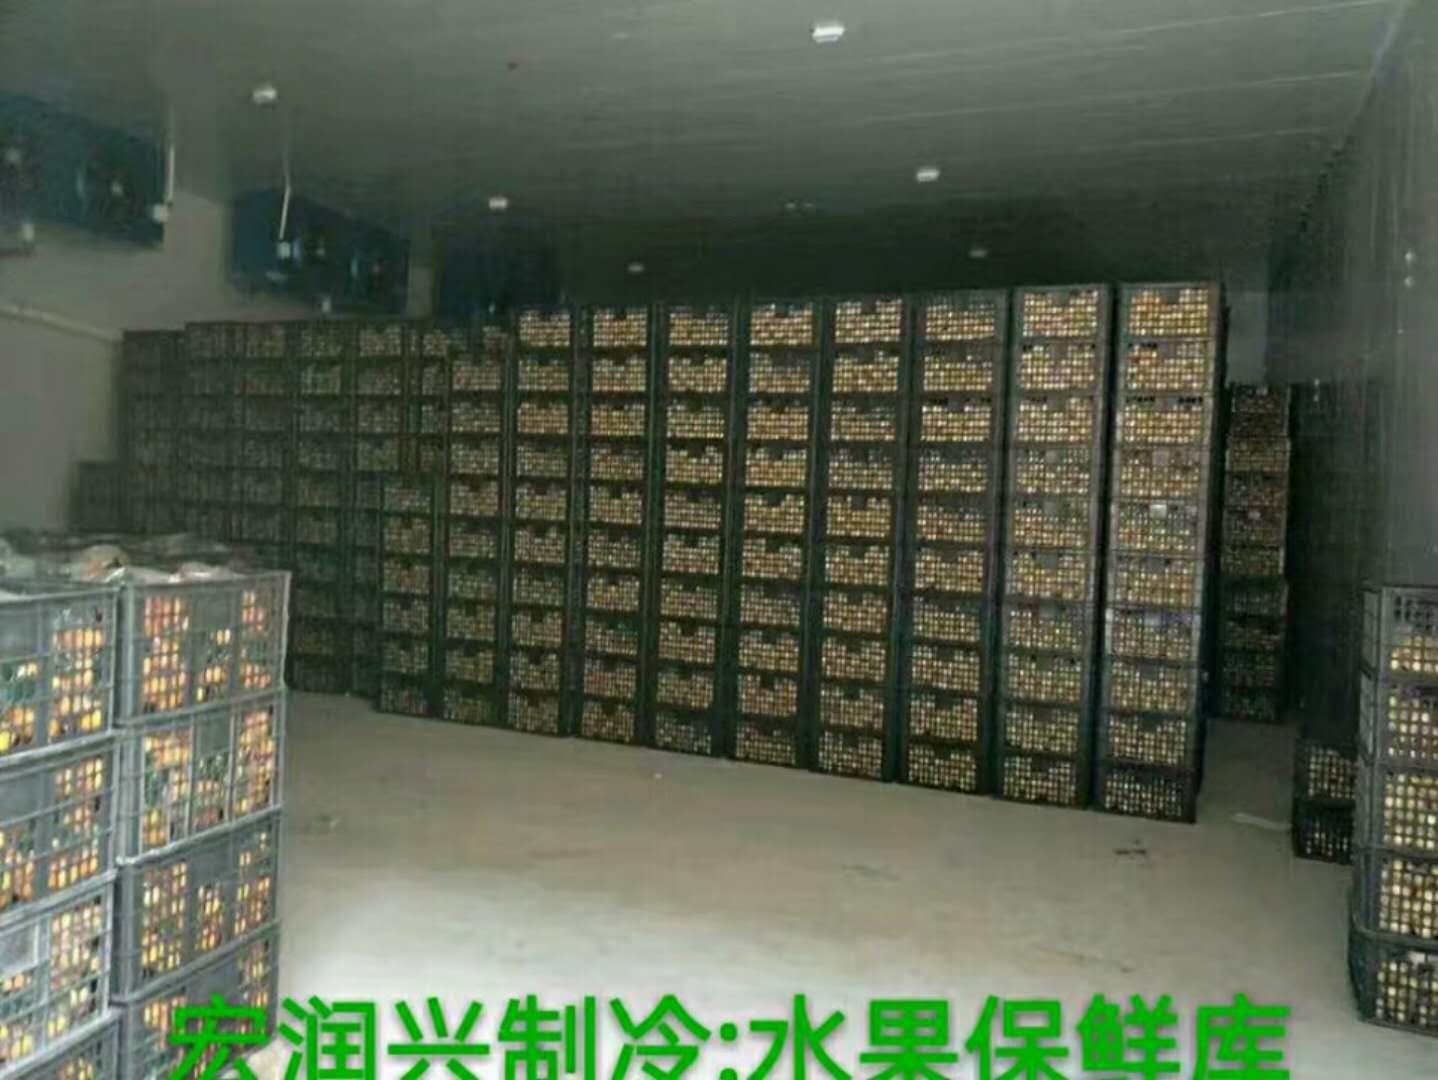 吉安井冈山水果冷库安装维修要注意的问题有哪些